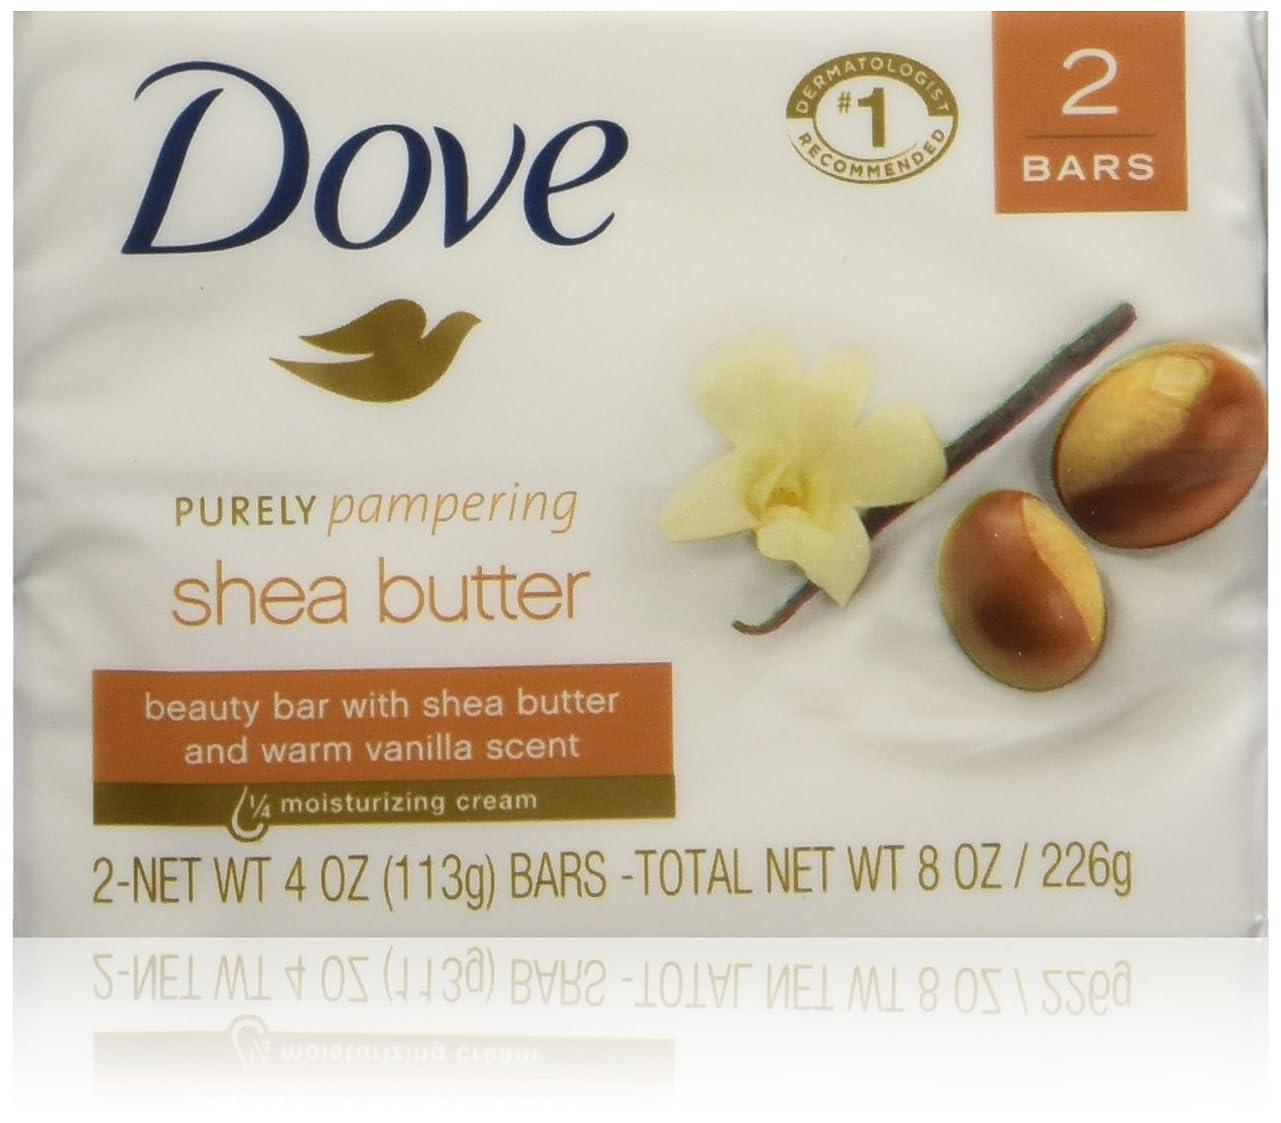 オリエンタル愛情深い限りDove Nourishing Care Shea Butter Moisturizing Cream Beauty Bar 2-Count 120 g Soap by Dove